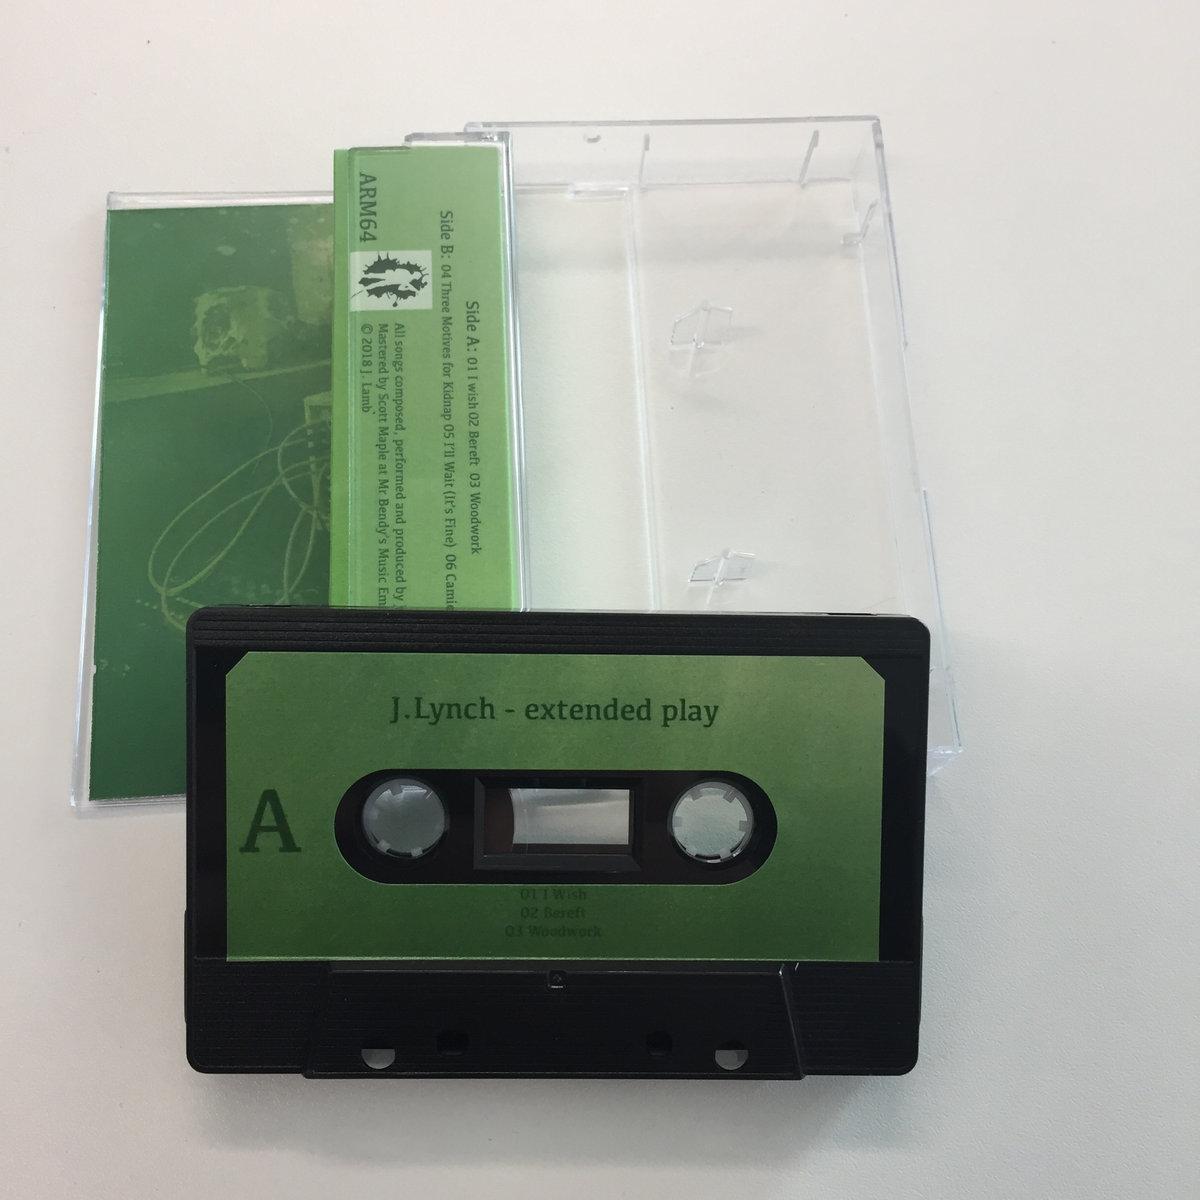 J.Lynch Cassette 2.jpg